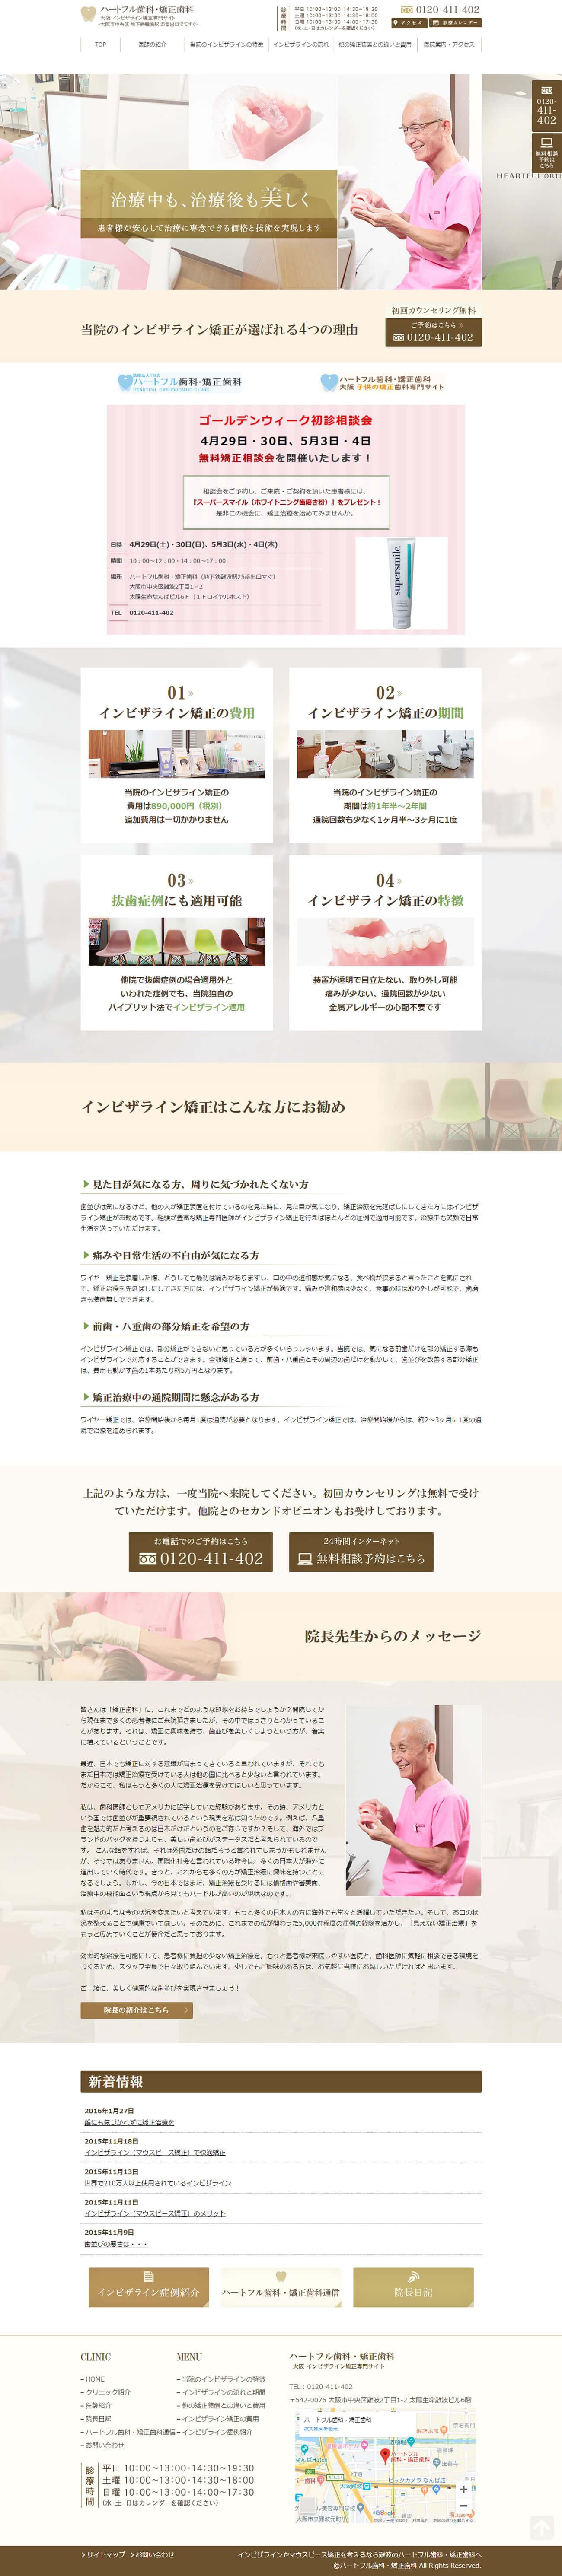 大阪市 ハートフル歯科・矯正歯科 インビザライン矯正サイト ホームページ制作1